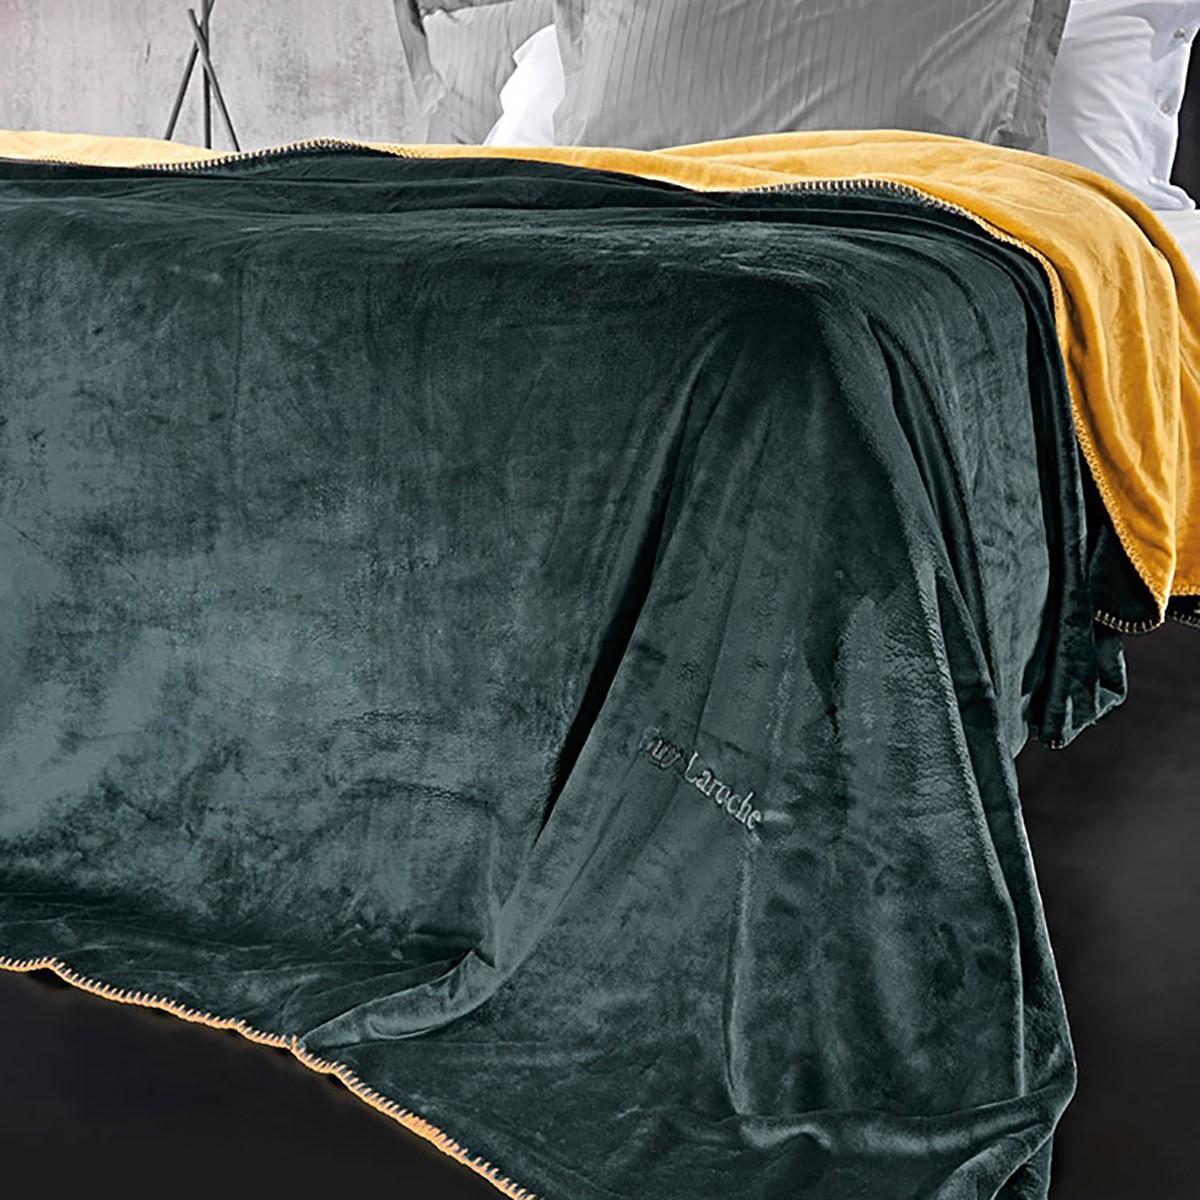 Κουβέρτα Fleece Υπέρδιπλη Διπλής Όψης Guy Laroche Tresor